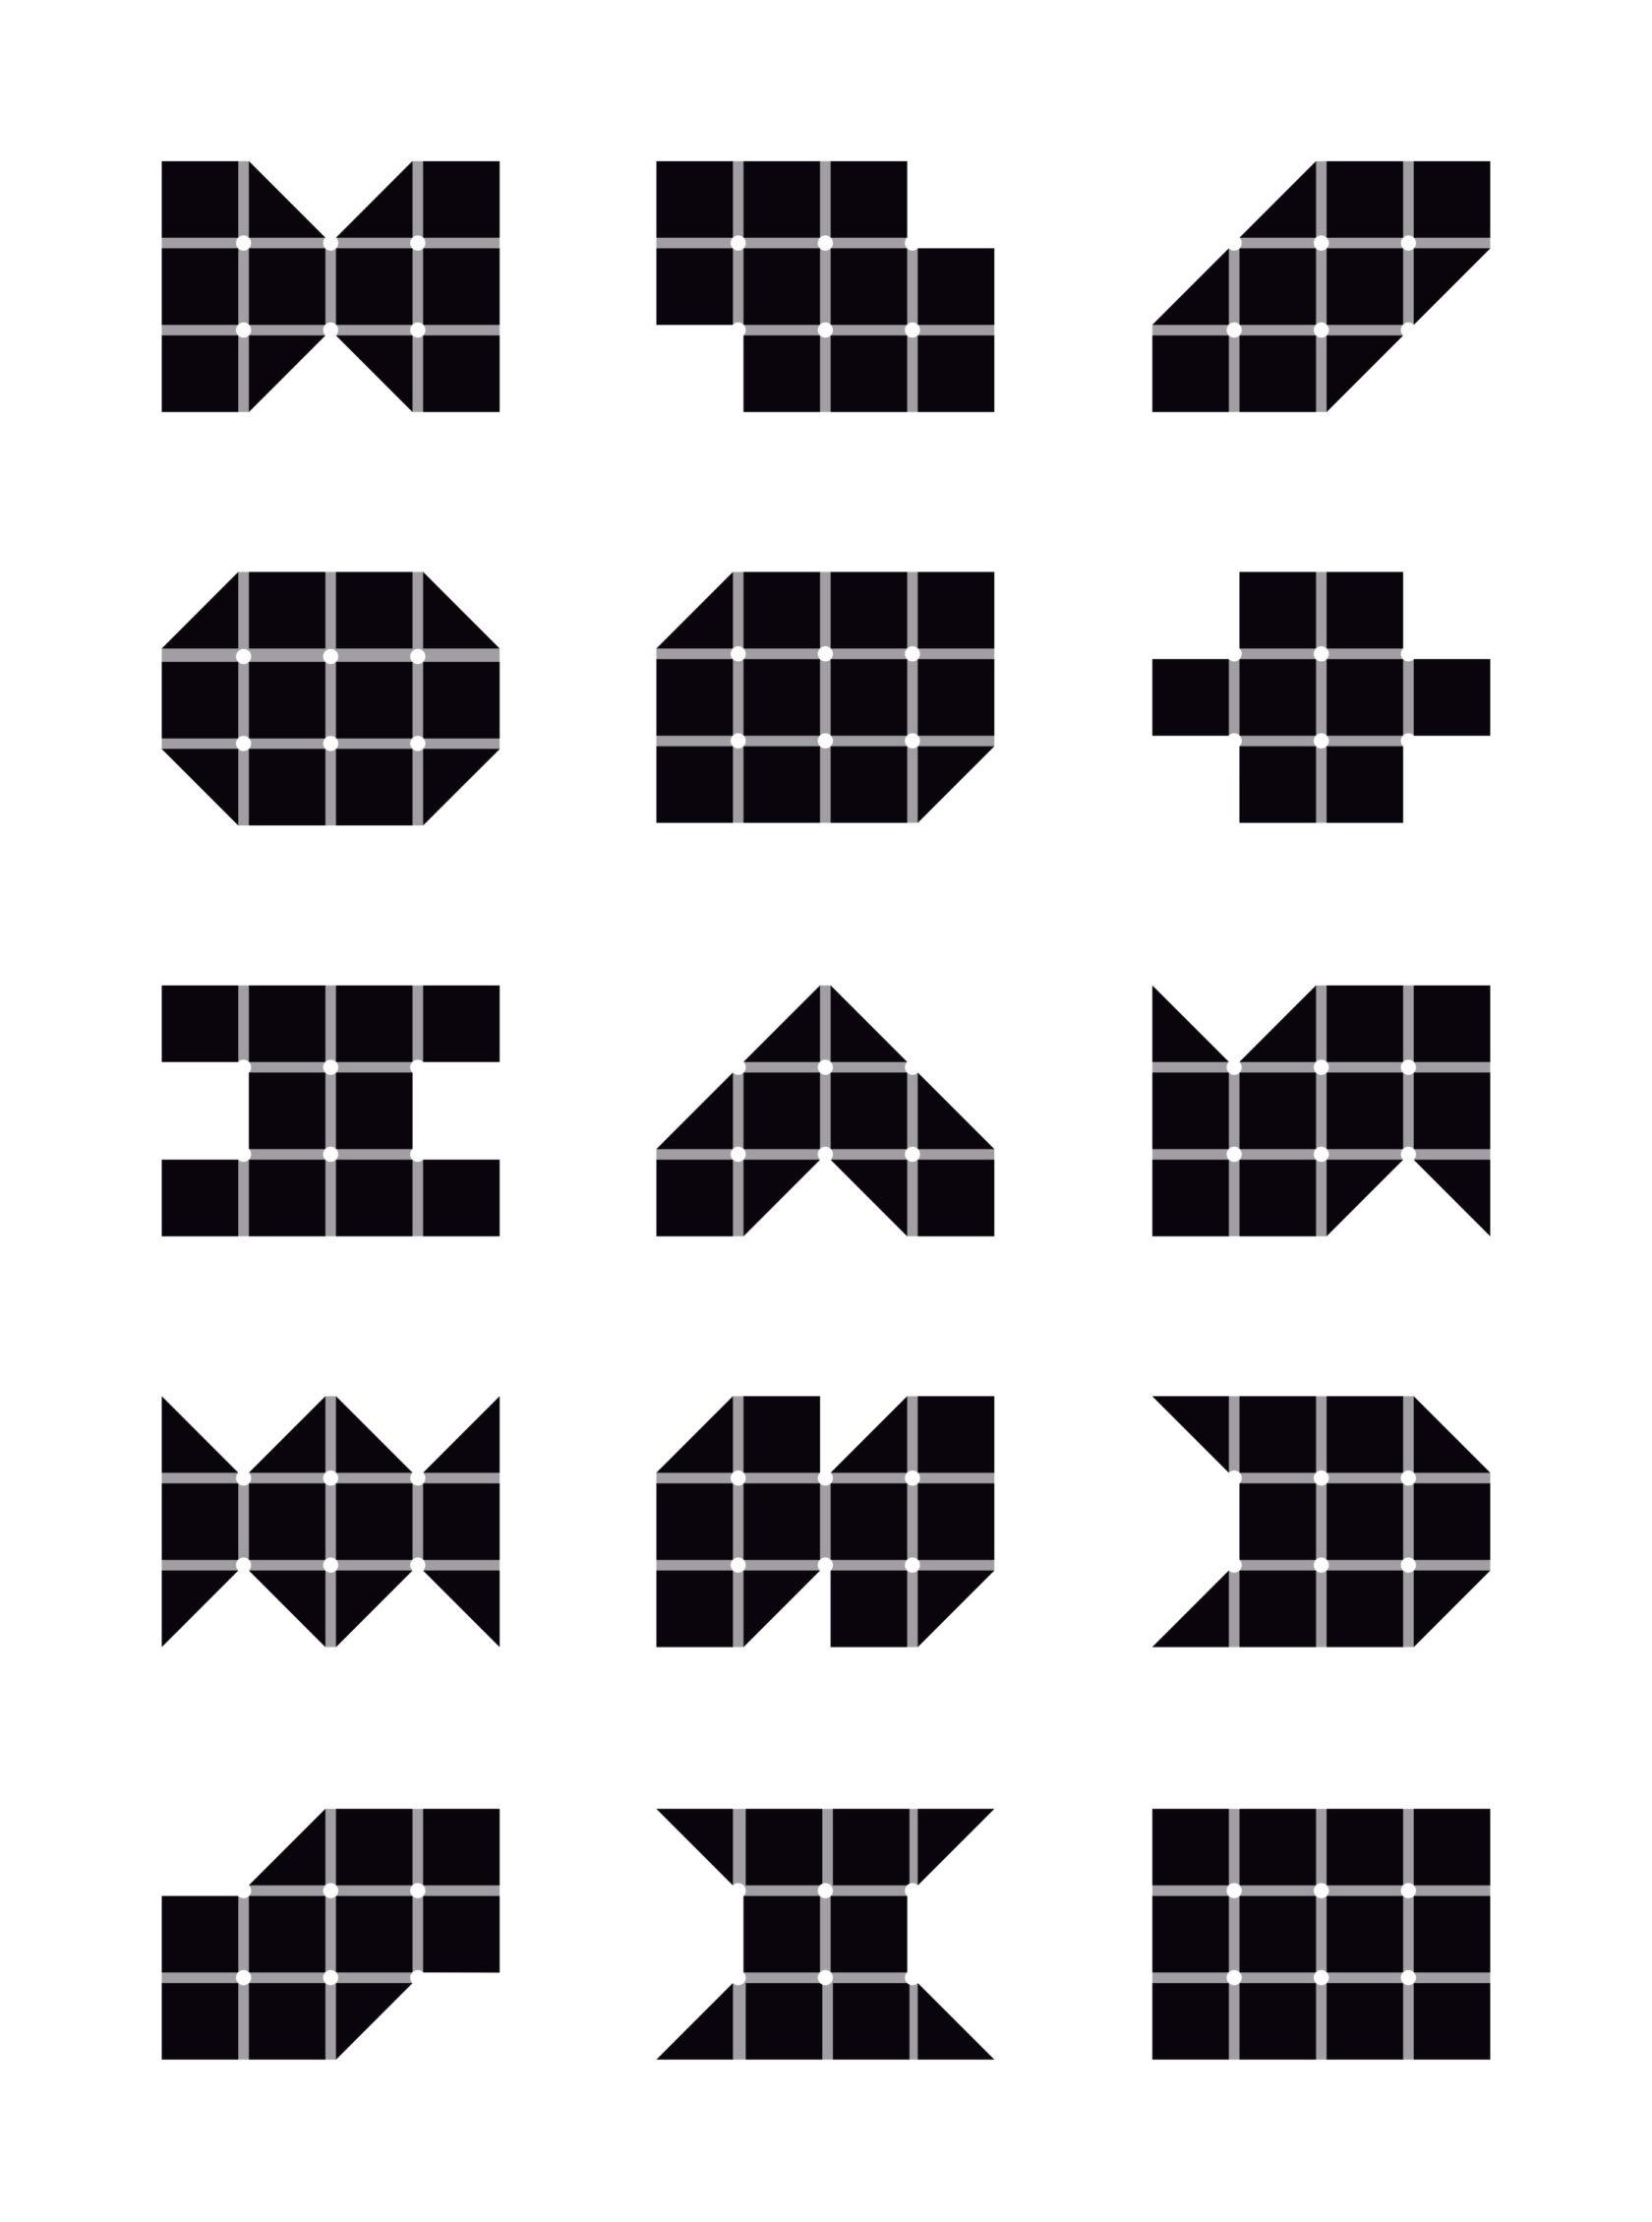 3DM6 Icon Design By Furia